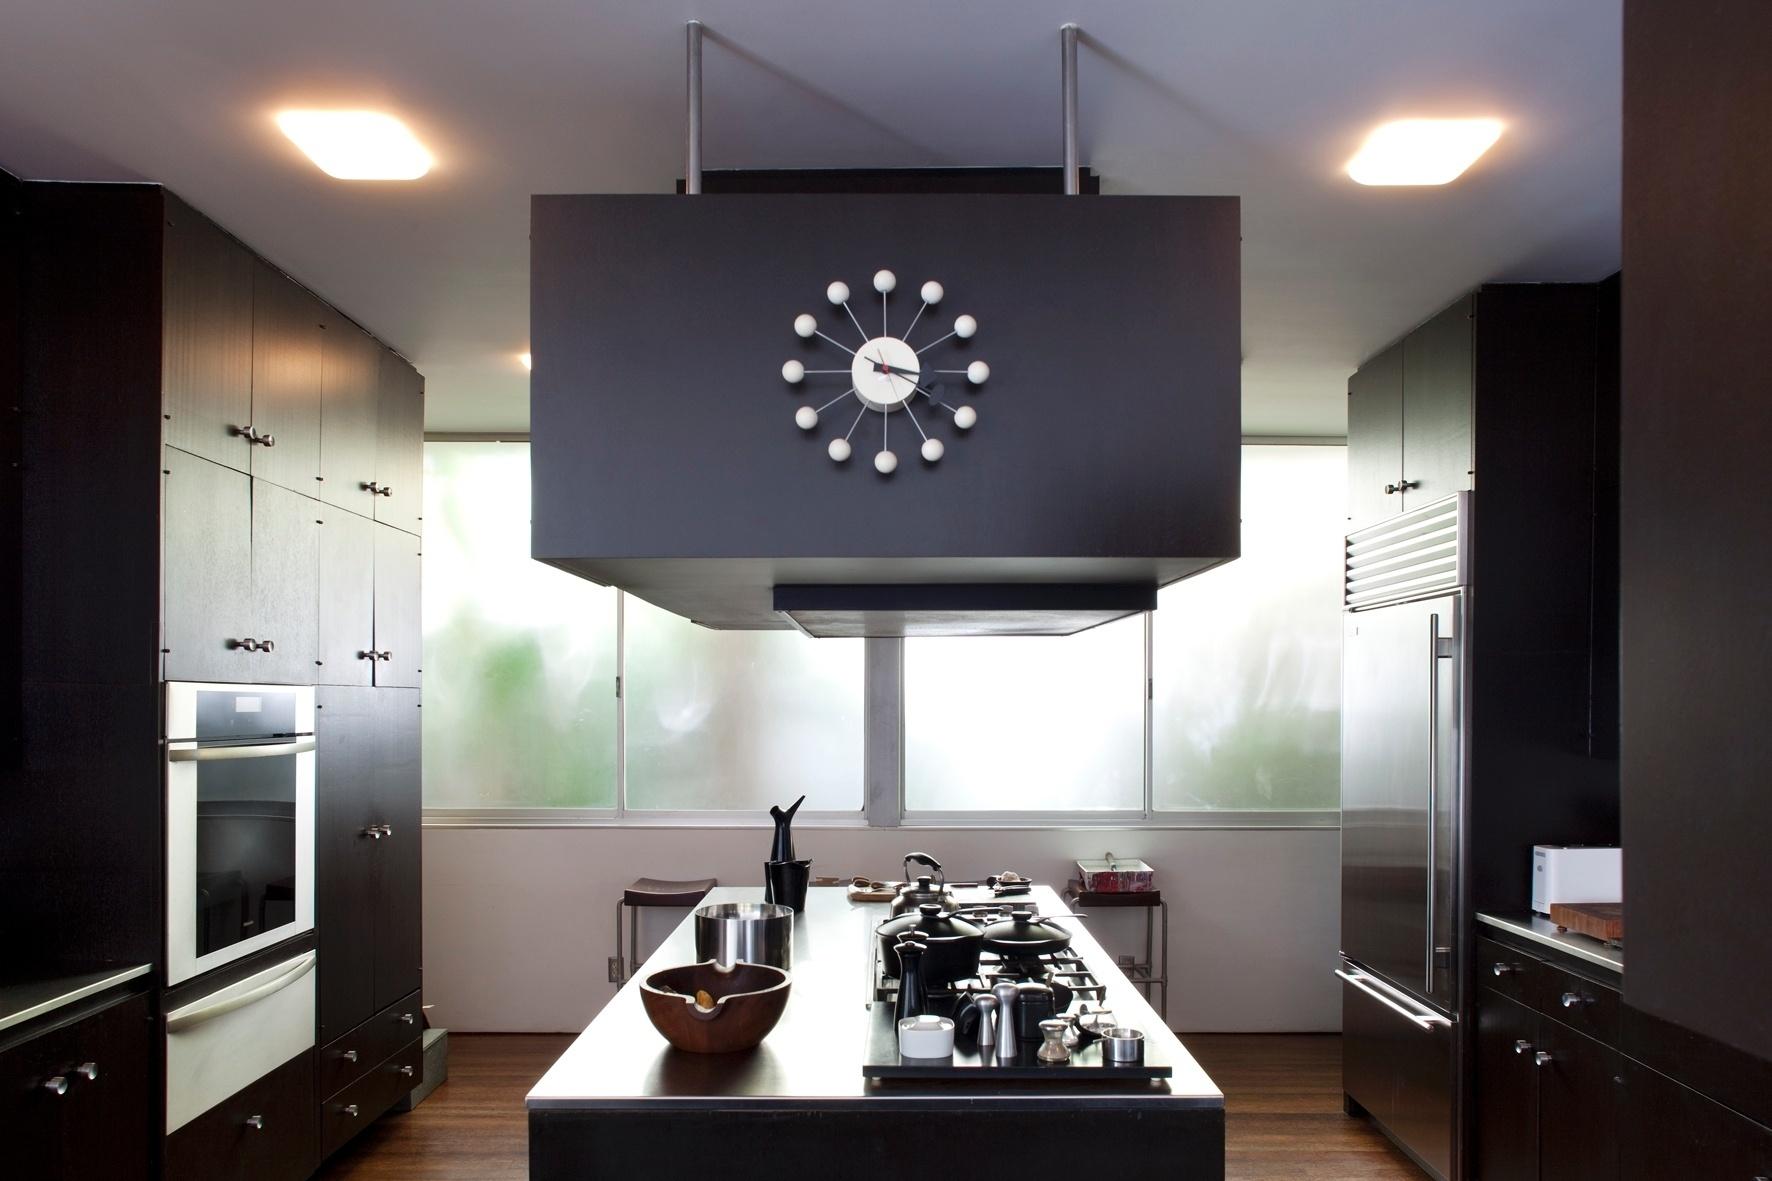 As bancadas da cozinha e seu mobiliário revestido por laminado são sustentados por vigas metálicas. Seu design, datado de 1964, propunha a fuga da típica arquitetura residencial norte-americano-burguesa e suburbana da época. Ainda hoje, o projeto de Oscar Niemeyer para a Joseph Strick House, na Califórnia, porém, pode ser considerado muito criativo e pouco convencional para os padrões de Santa Monica